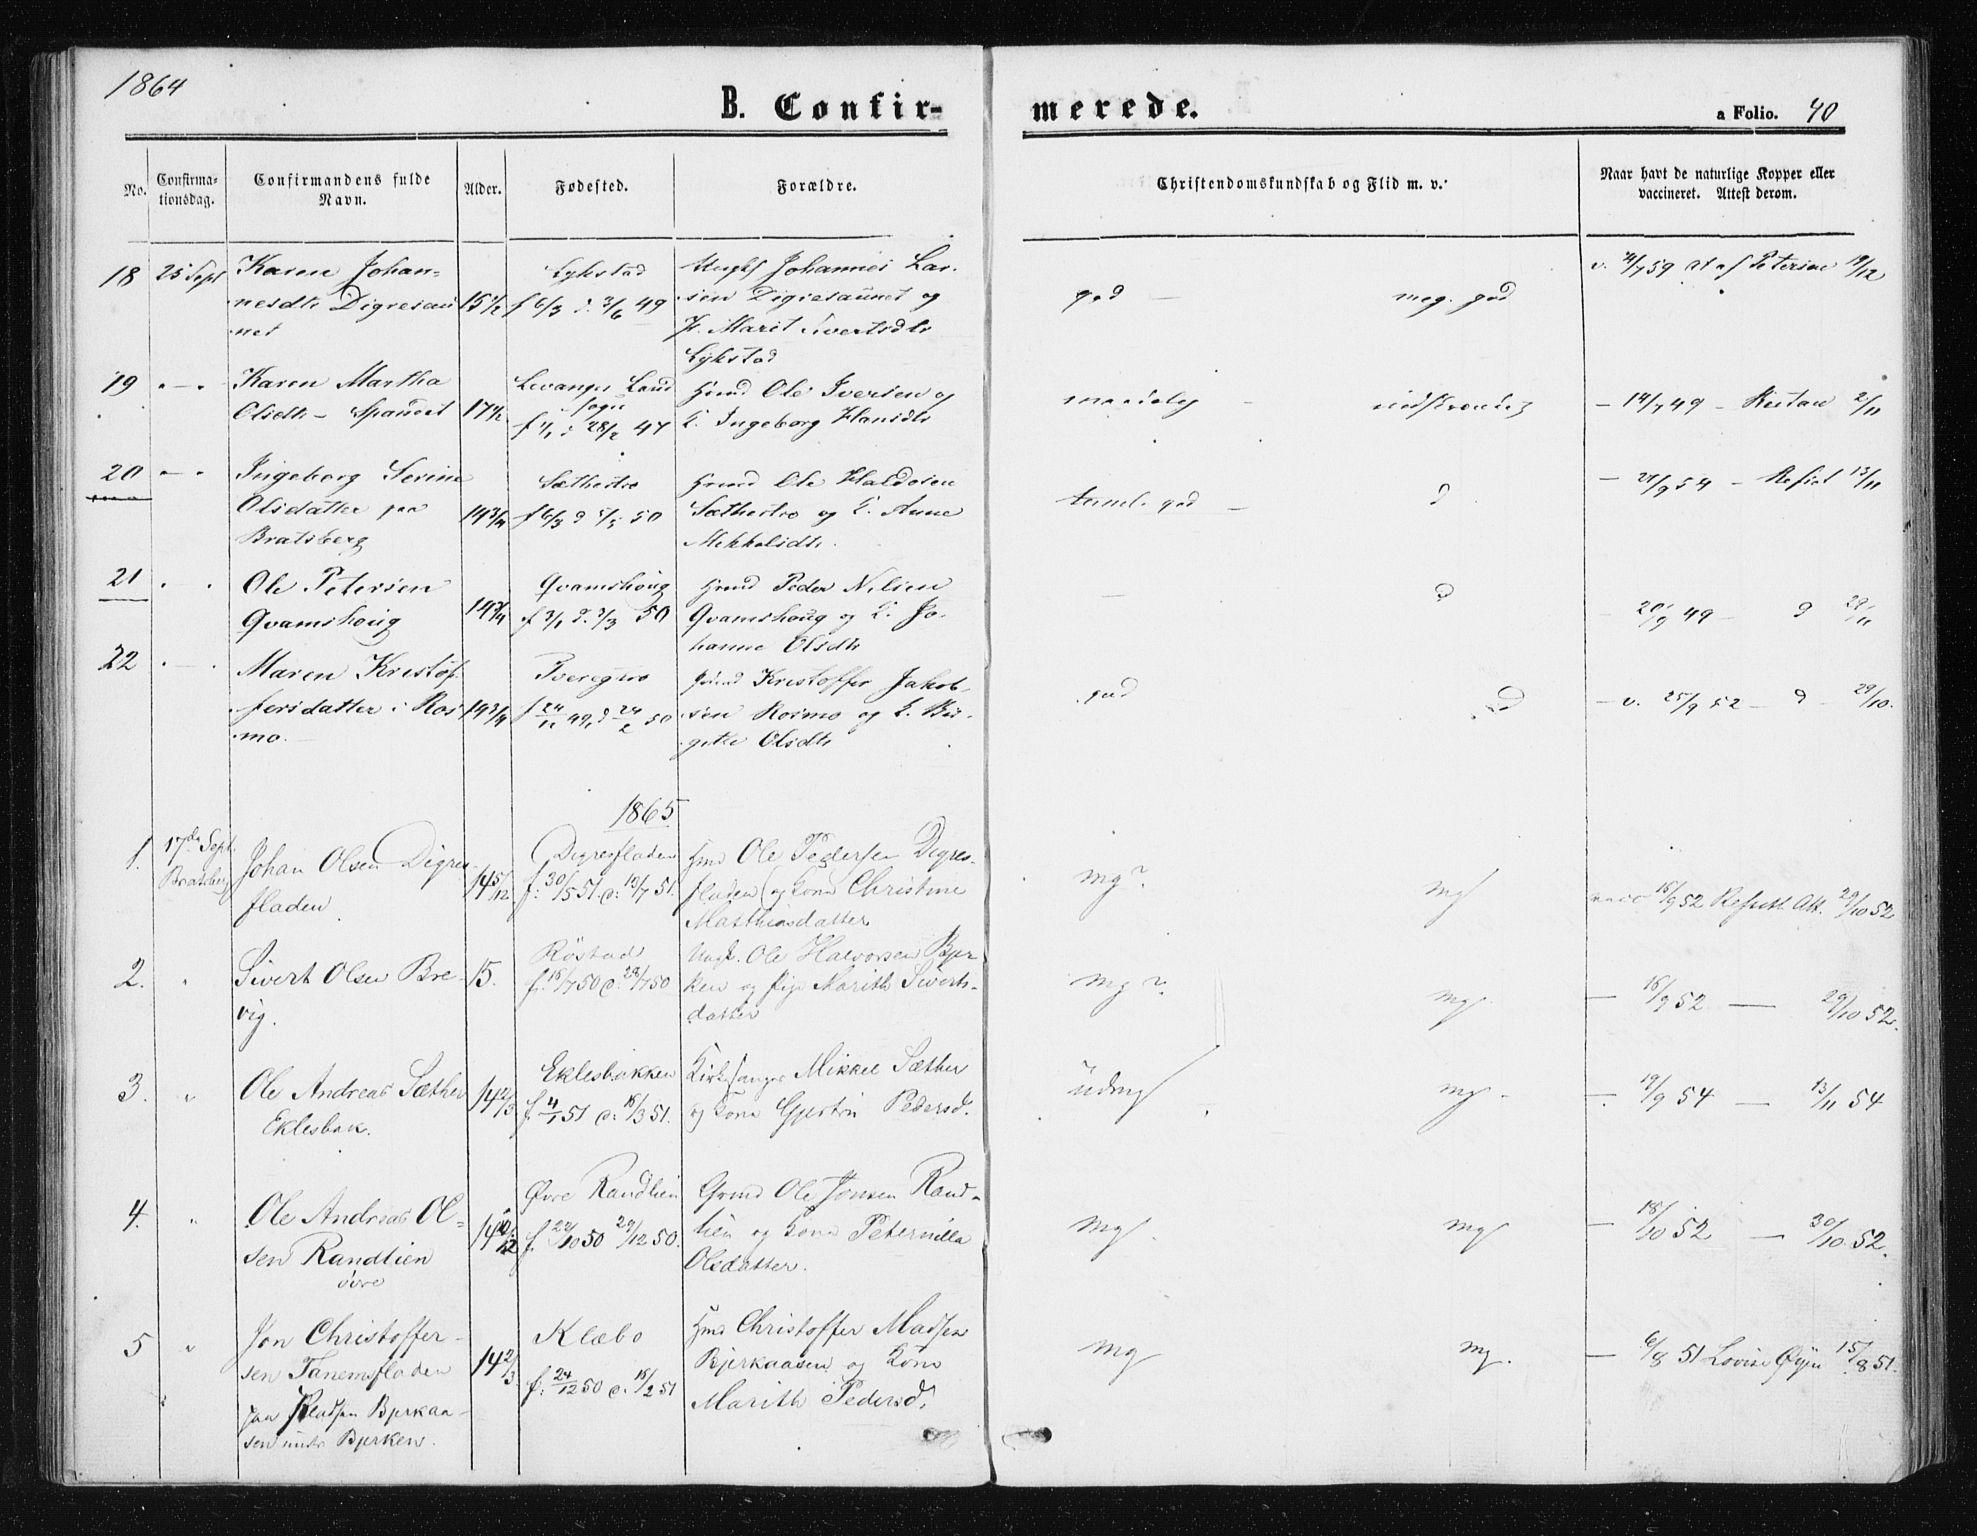 SAT, Ministerialprotokoller, klokkerbøker og fødselsregistre - Sør-Trøndelag, 608/L0333: Ministerialbok nr. 608A02, 1862-1876, s. 40